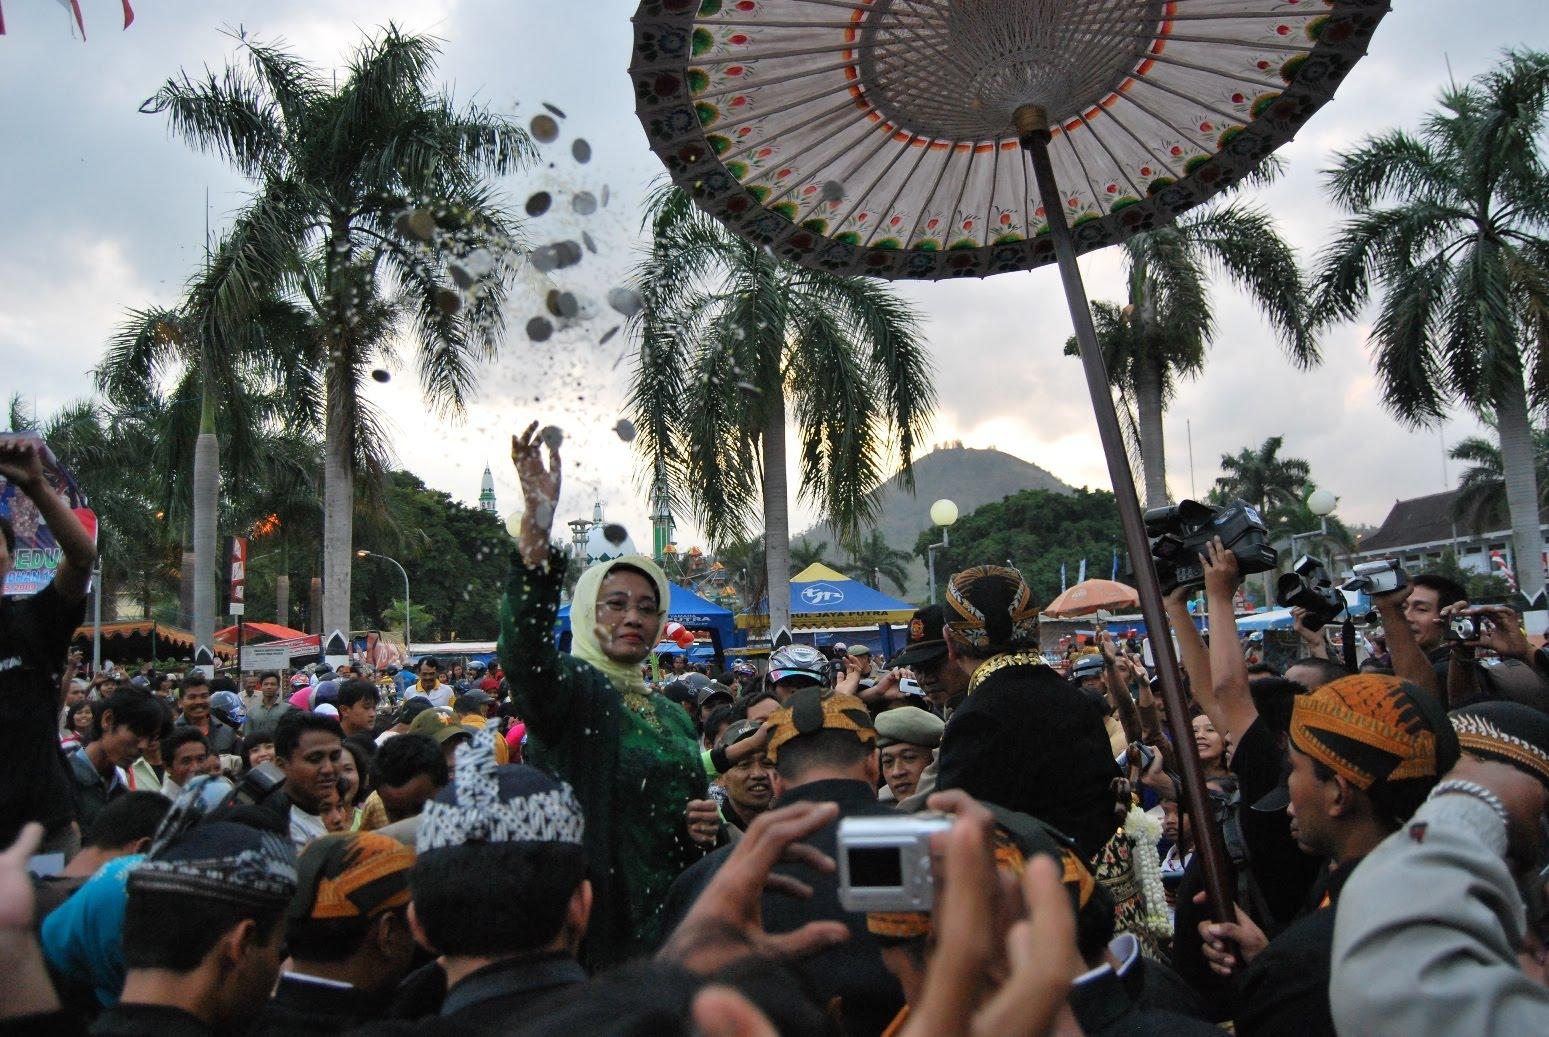 Prosesi Hari Jadi Kabupaten Trenggalek 815 Cobacoba16 Puncak Perayaan Bertempat